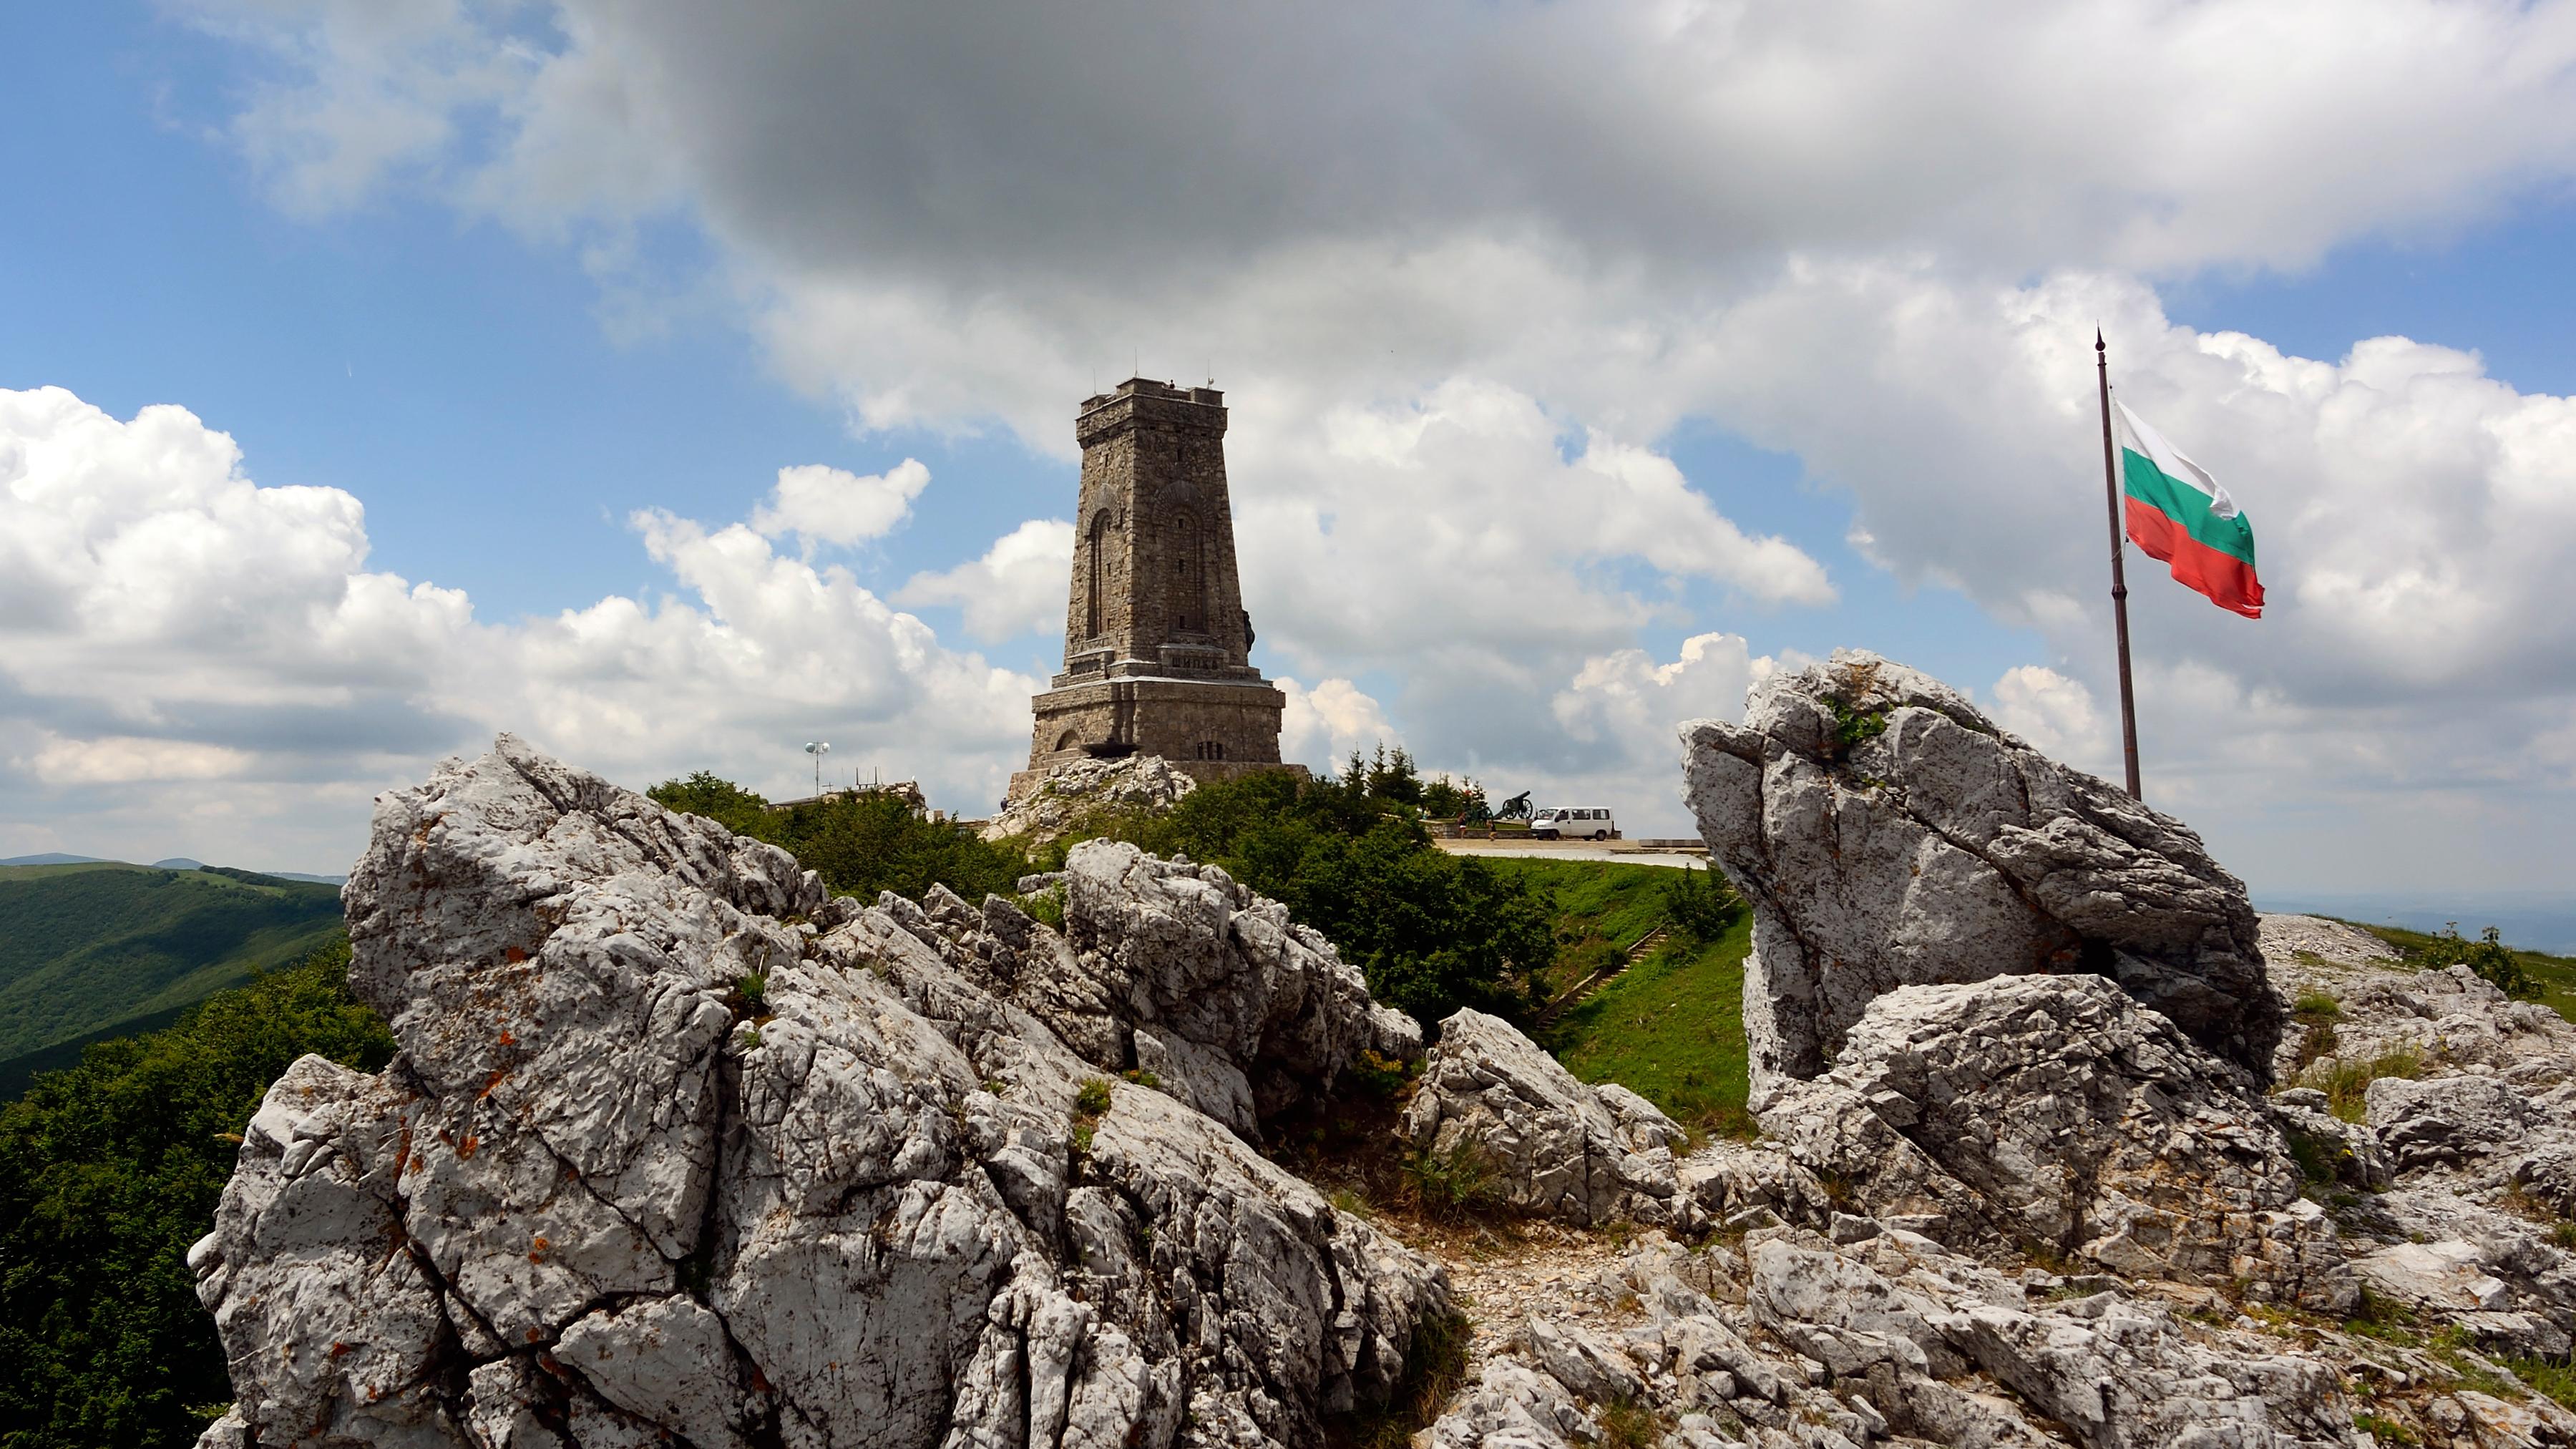 Флаг на фоне скалы в Болгарии, где можно получить ВНЖ